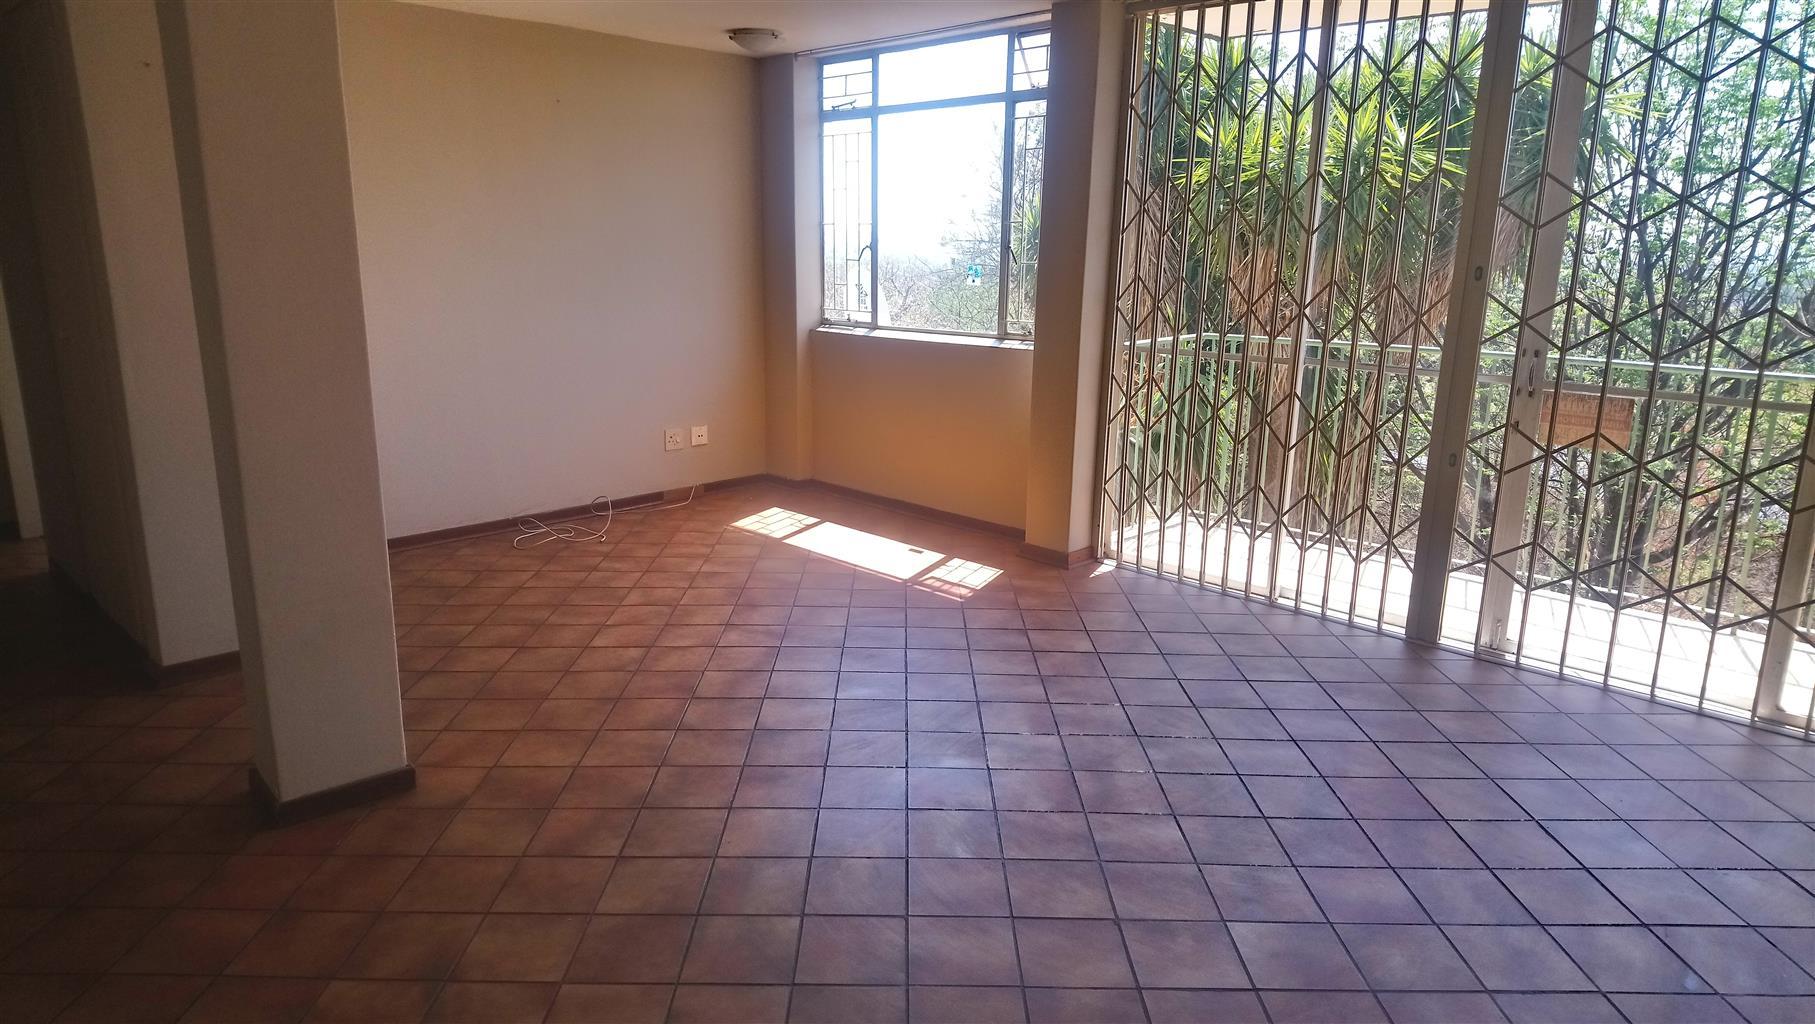 Flat for sale in La Montage Pretoria